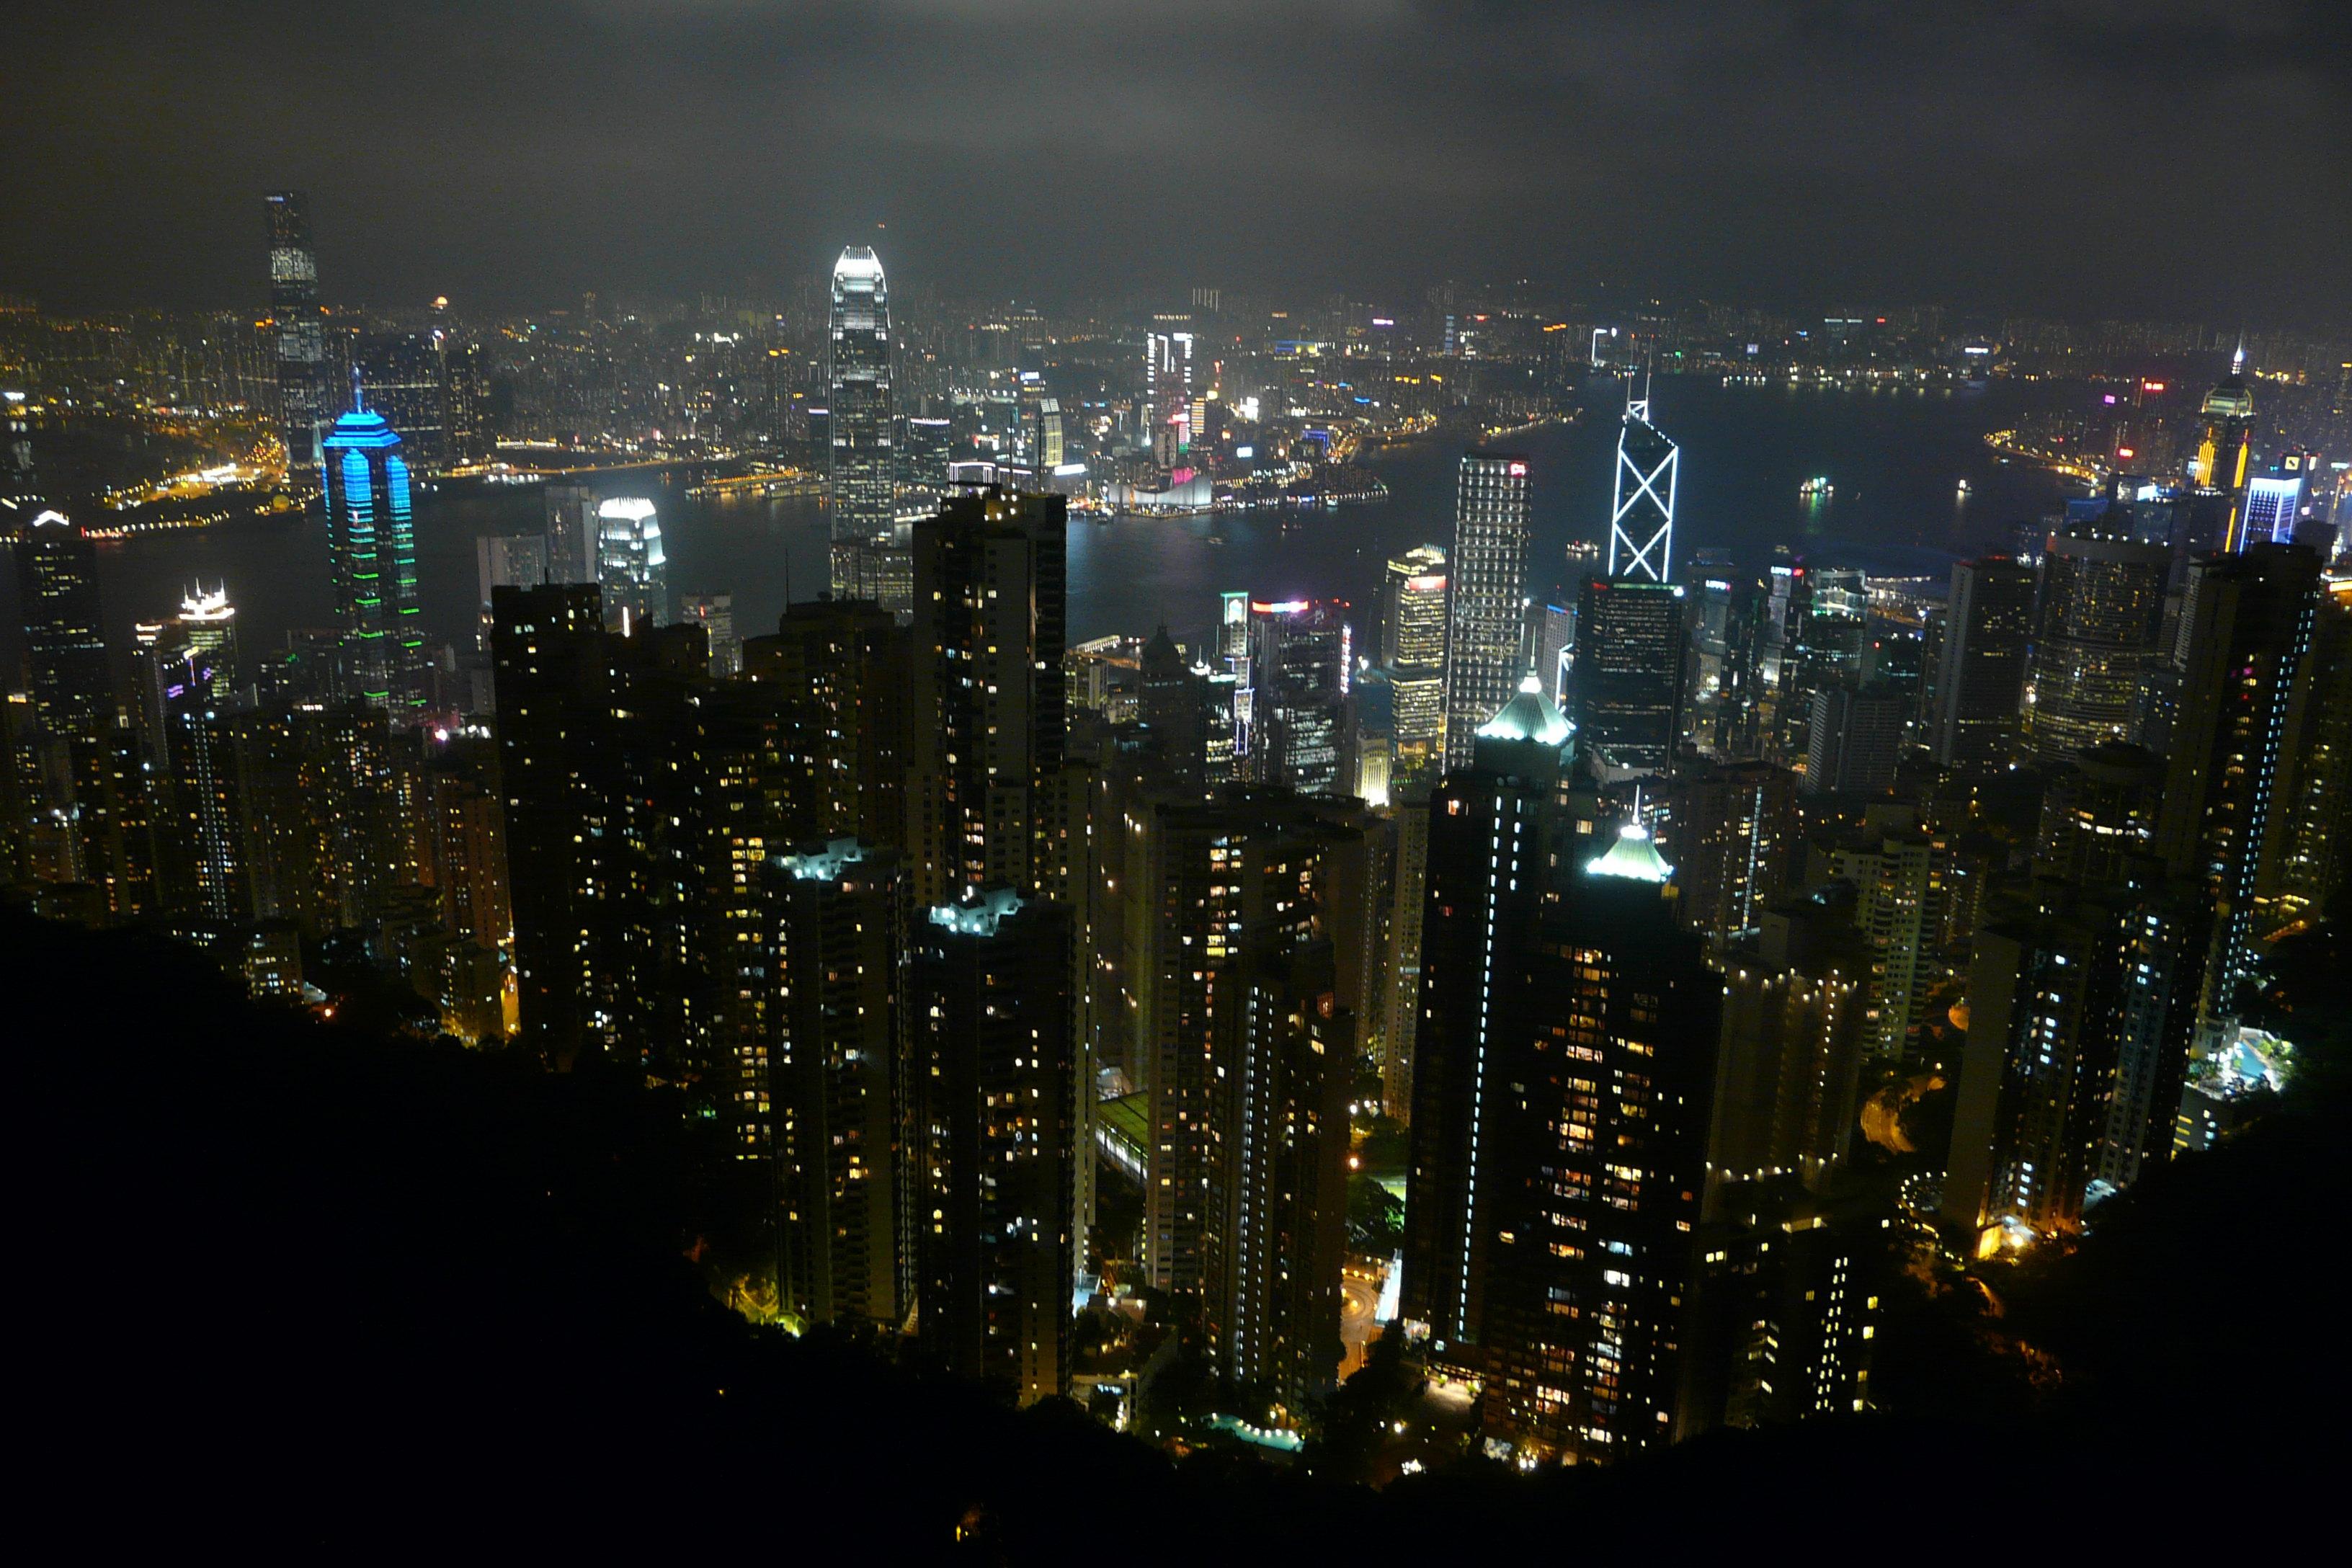 【携程攻略】香港尖沙咀适合朋友出游旅游吗